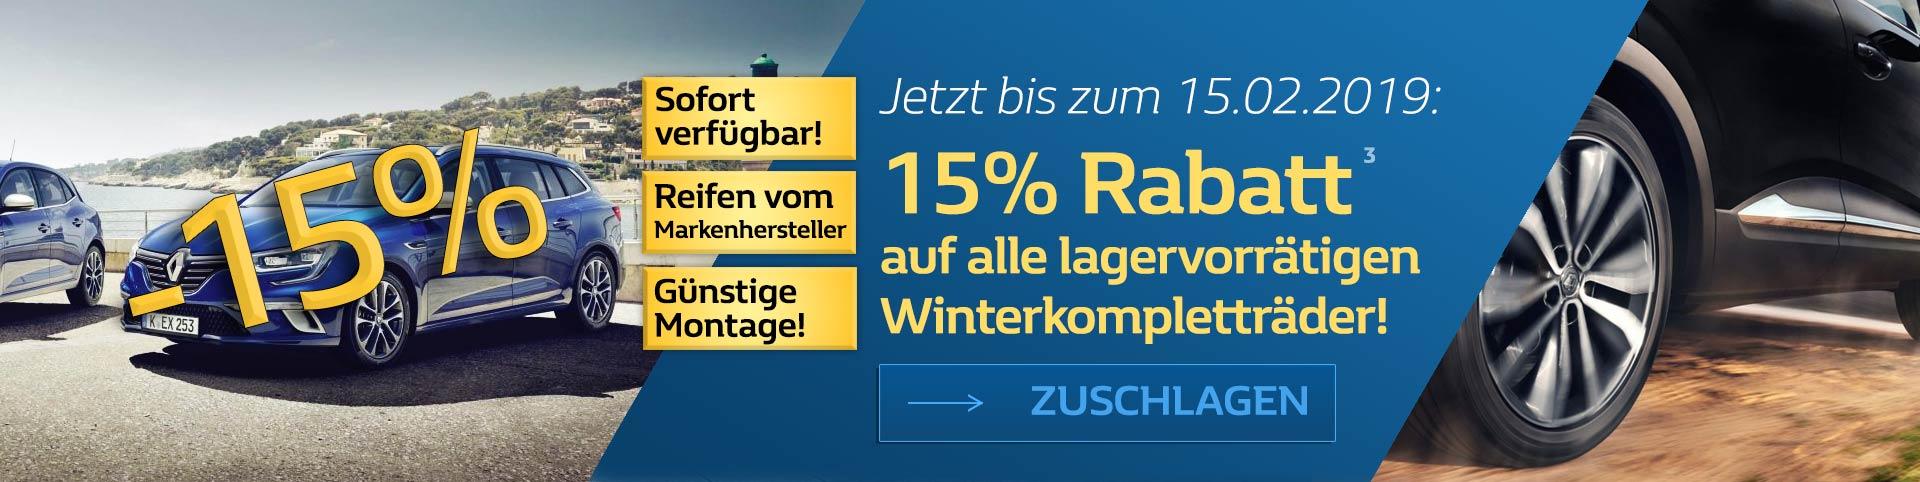 Winterkompletträder Angebot 15 Prozent